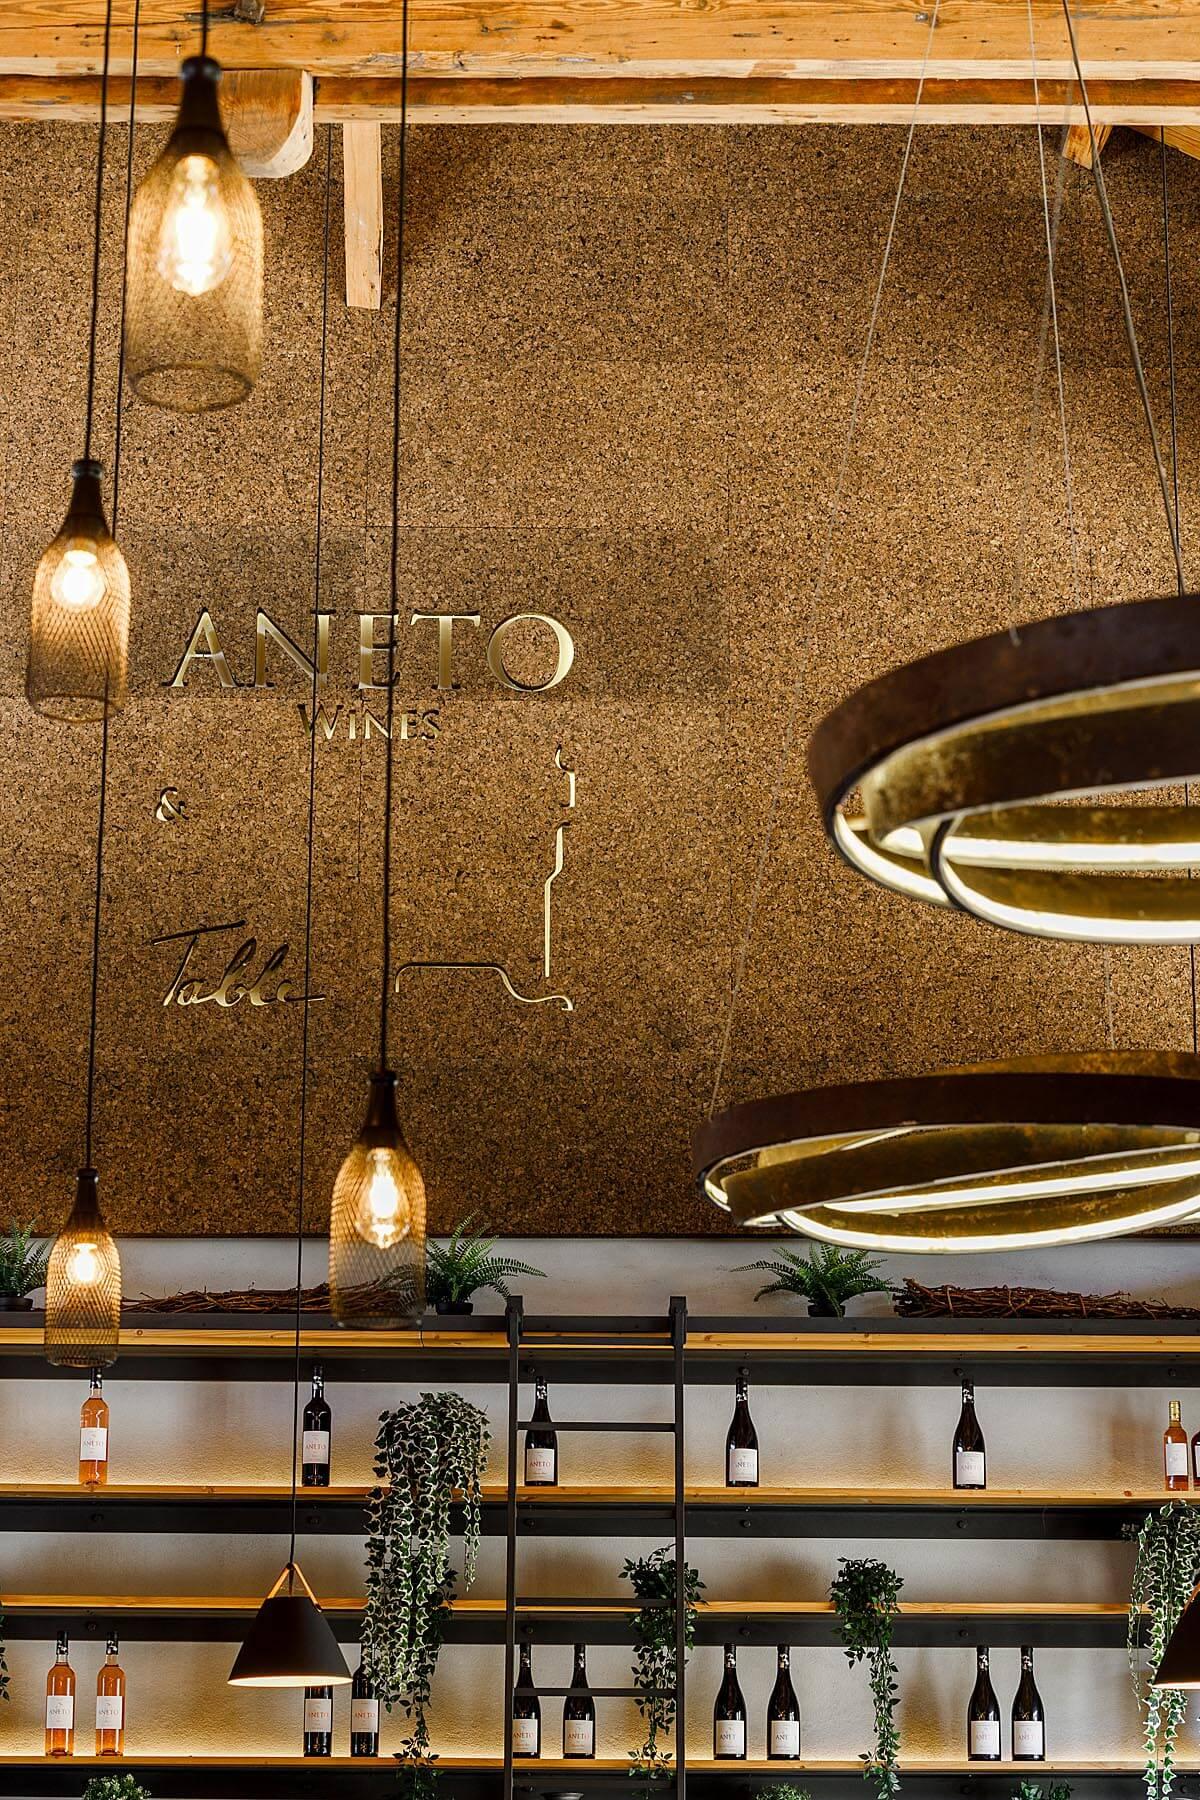 Aneto & Table Restaurante